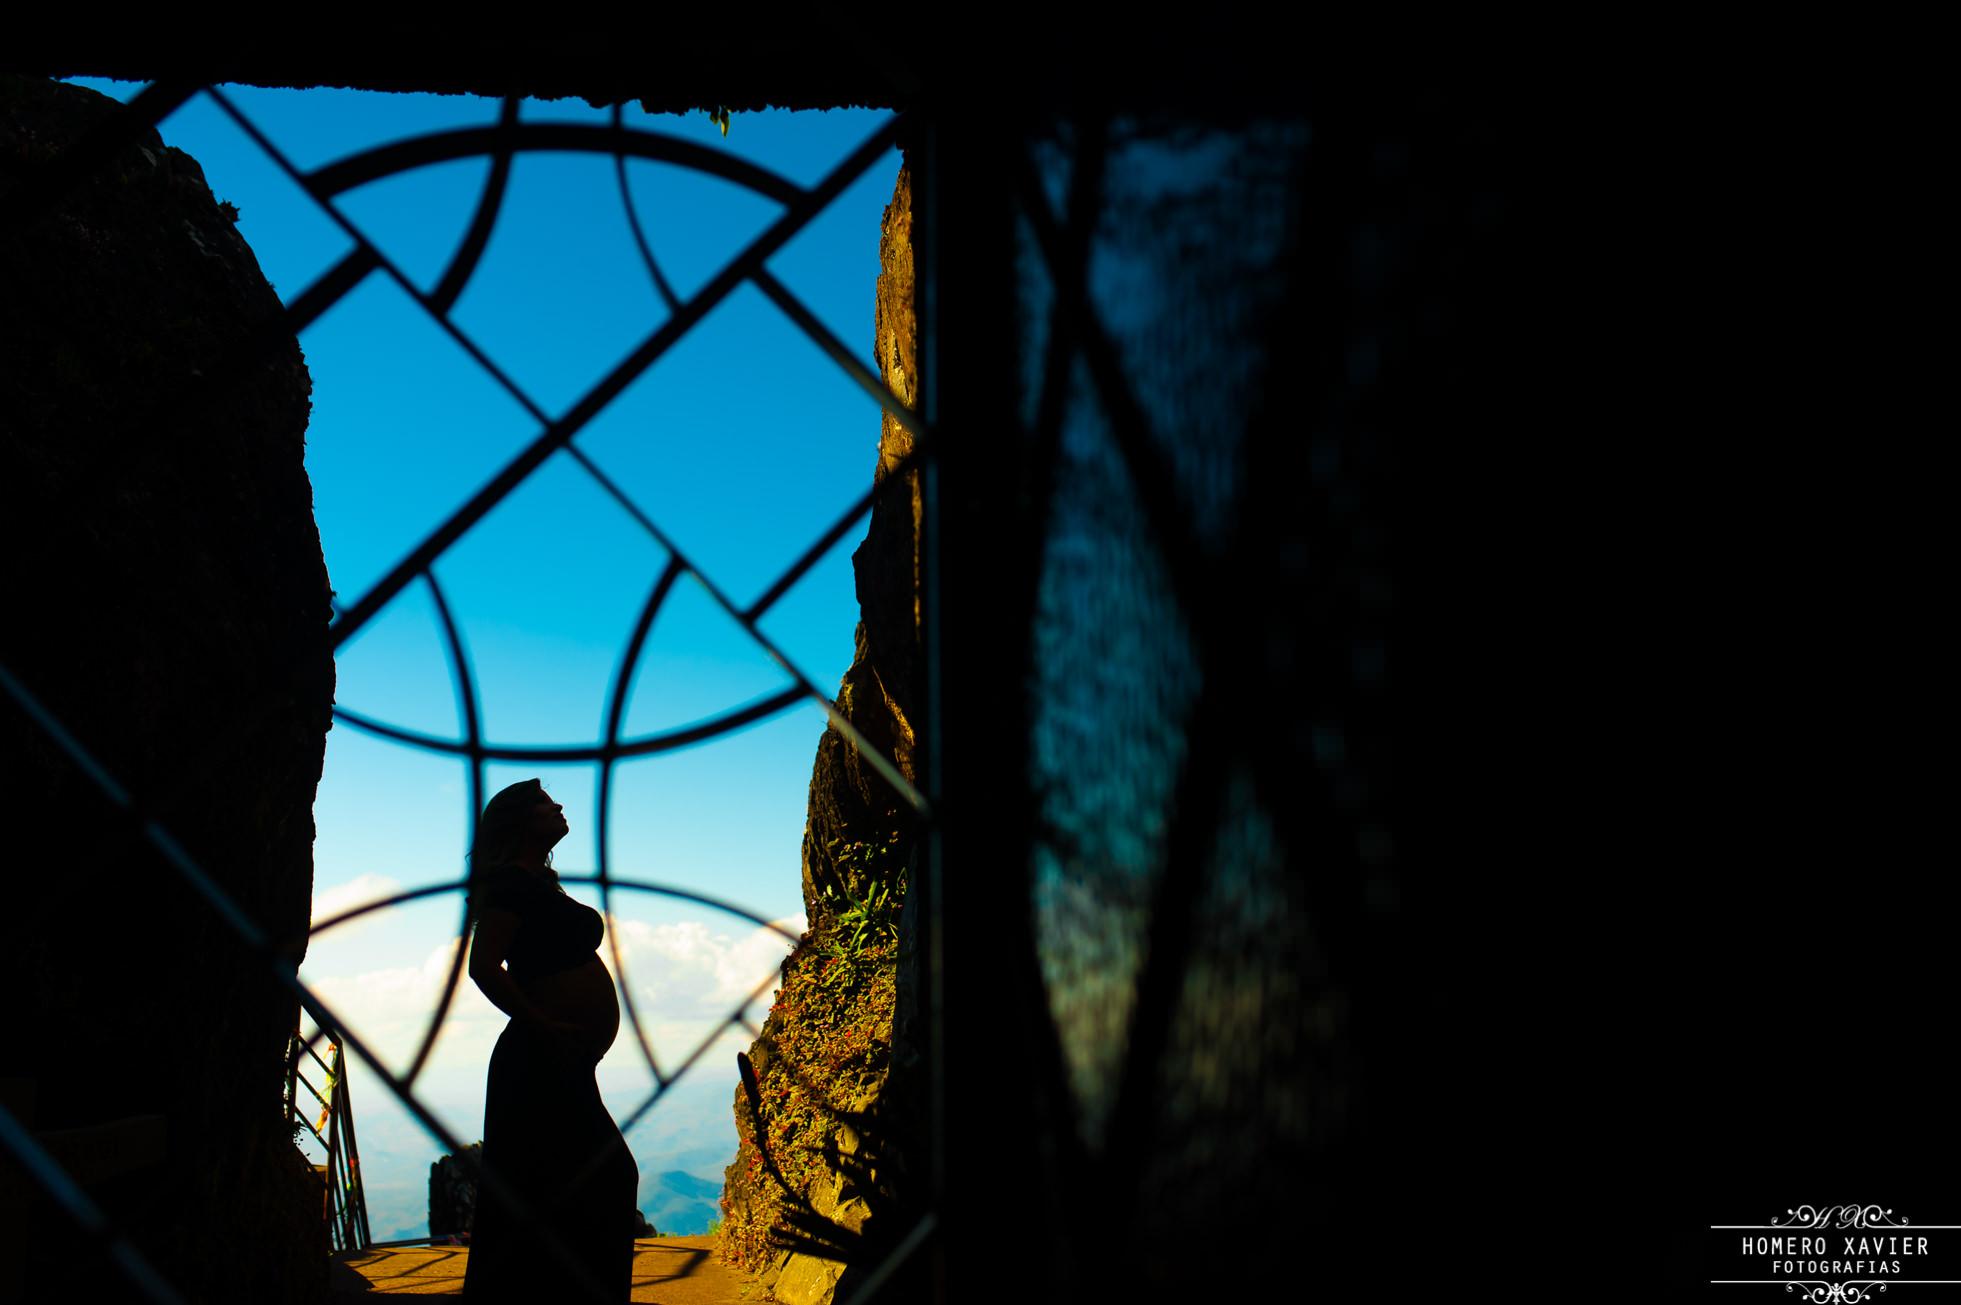 fotografia book gestante na Serra da Piedade Caete MG